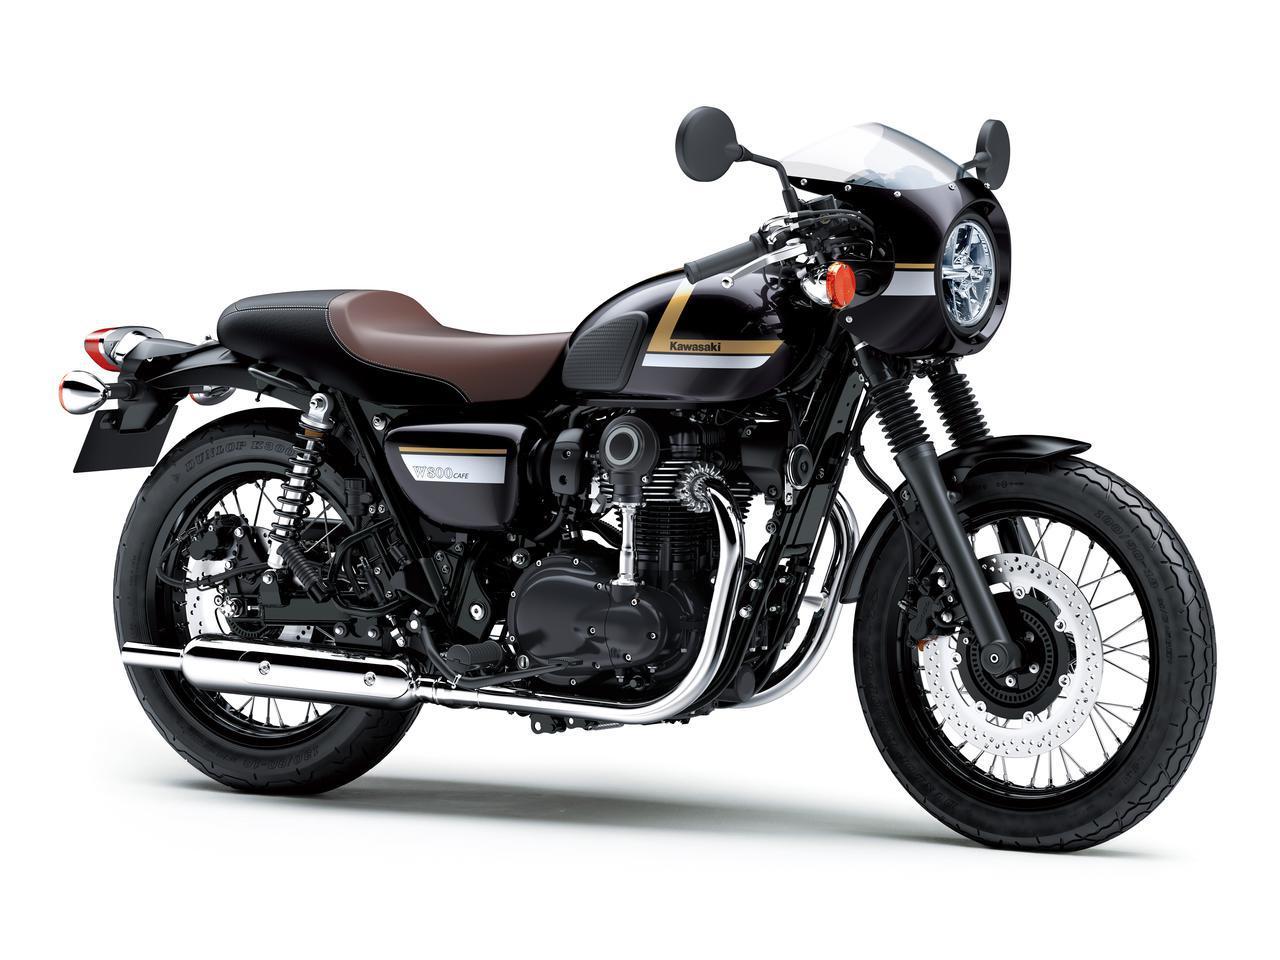 画像: Kawasaki W800 CAFE 総排気量:773cc エンジン形式:空冷4ストSOHC4バルブ並列2気筒 シート高:790mm 車両重量:223kg 発売日:2021年12月17日(金) 税込価格:121万円